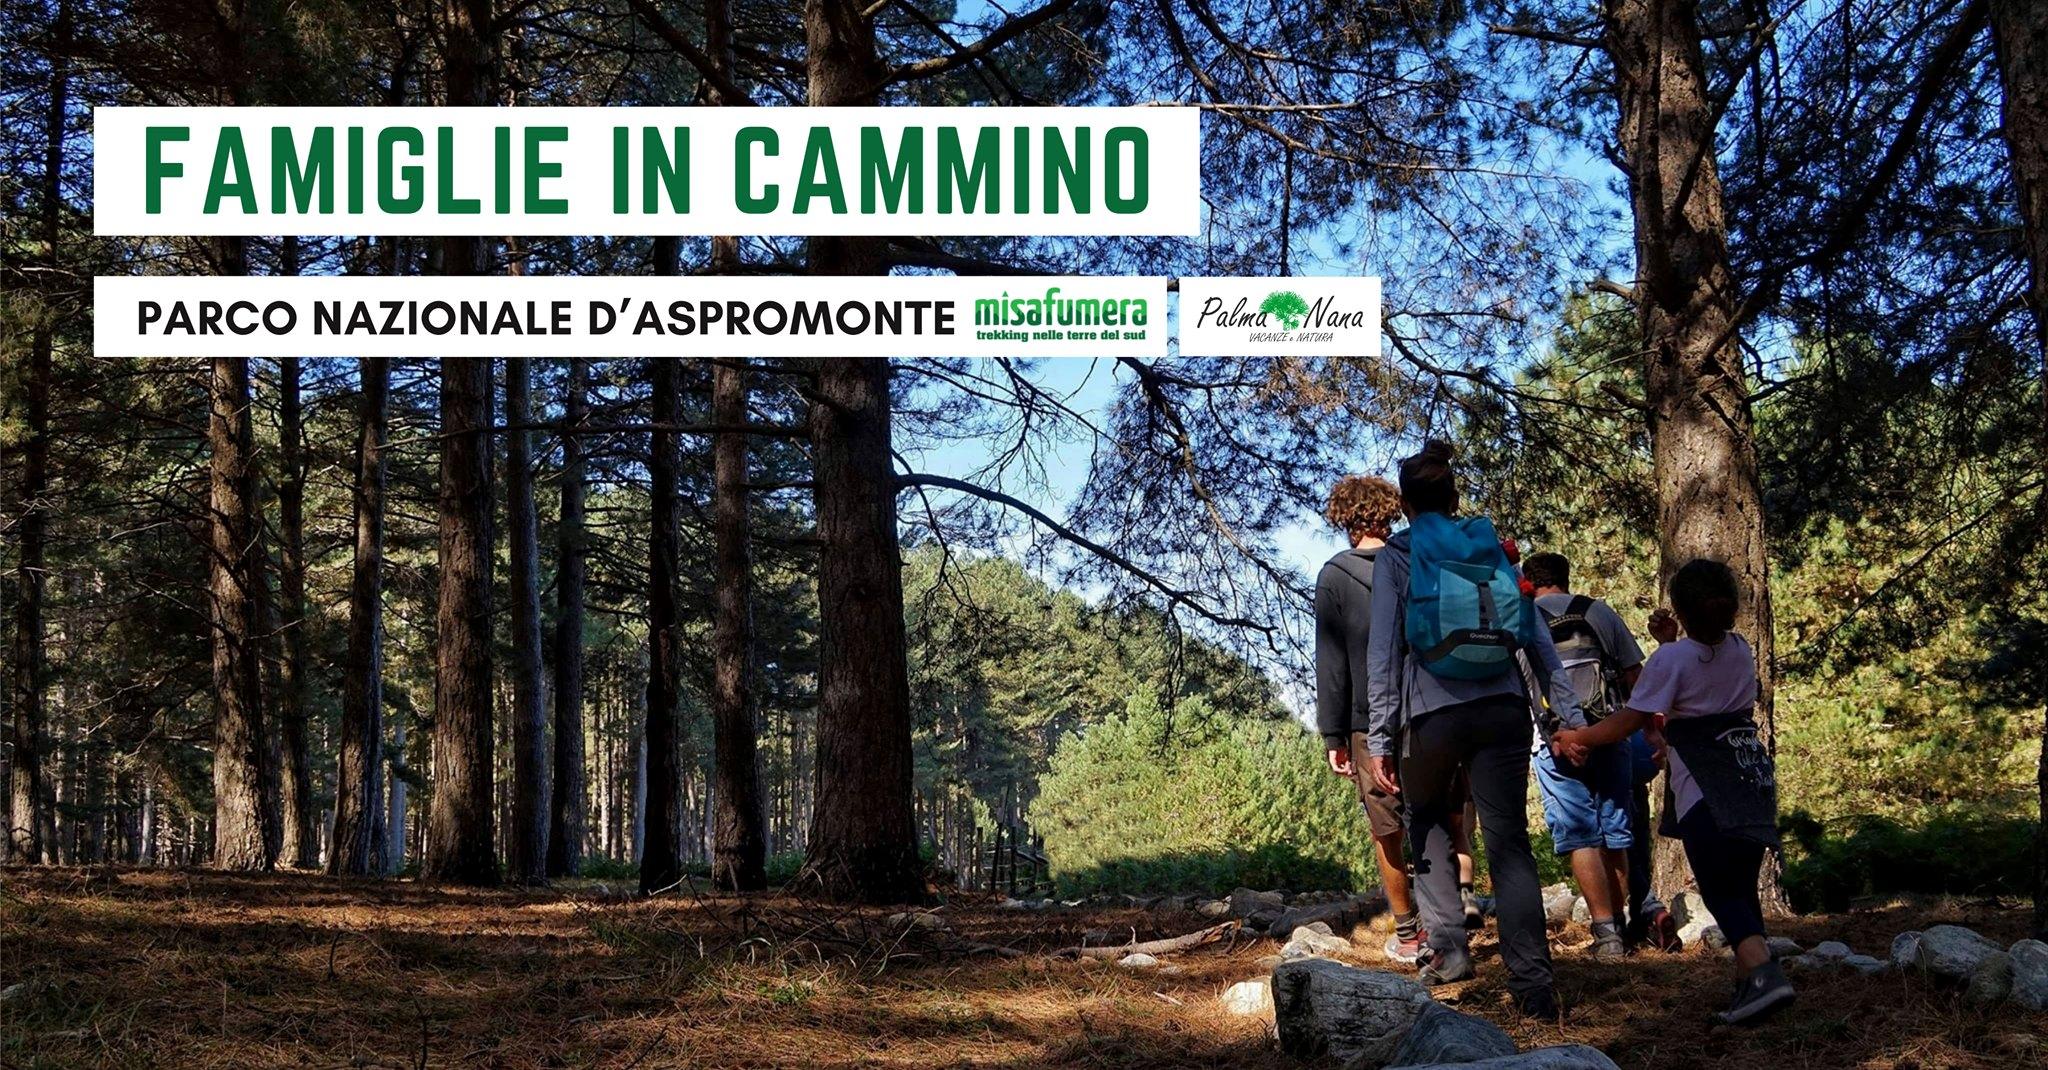 Famiglie in cammino nel Parco Nazionale d'Aspromonte